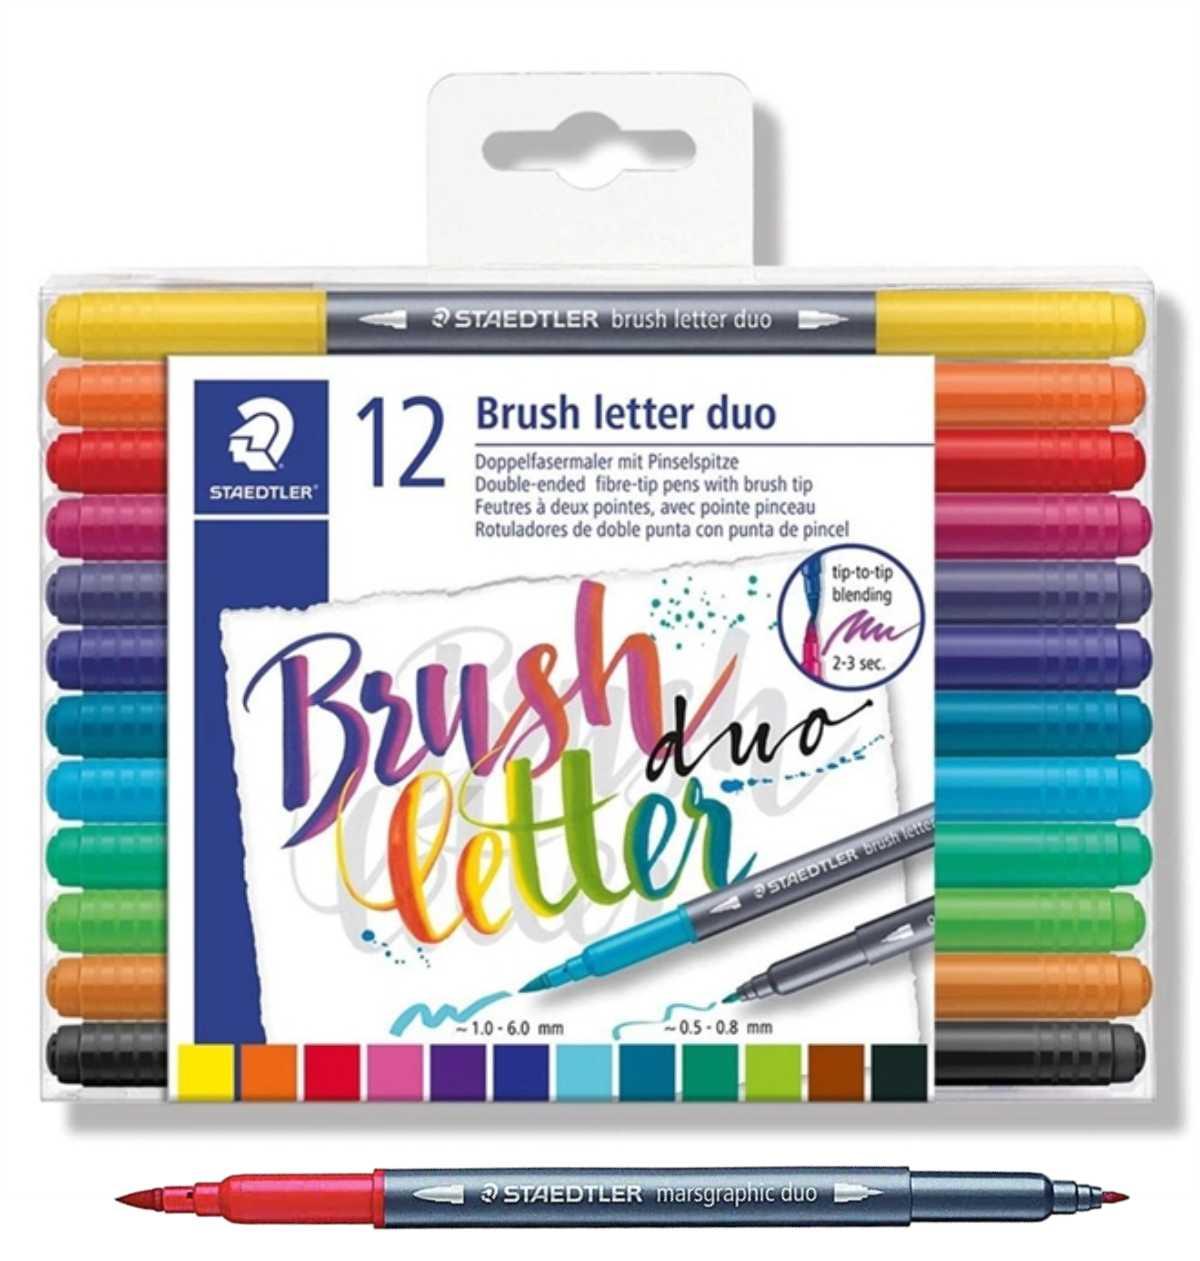 Caneta Brush Pen Lettering Aquarela Staedtler  C/ 12 Cores